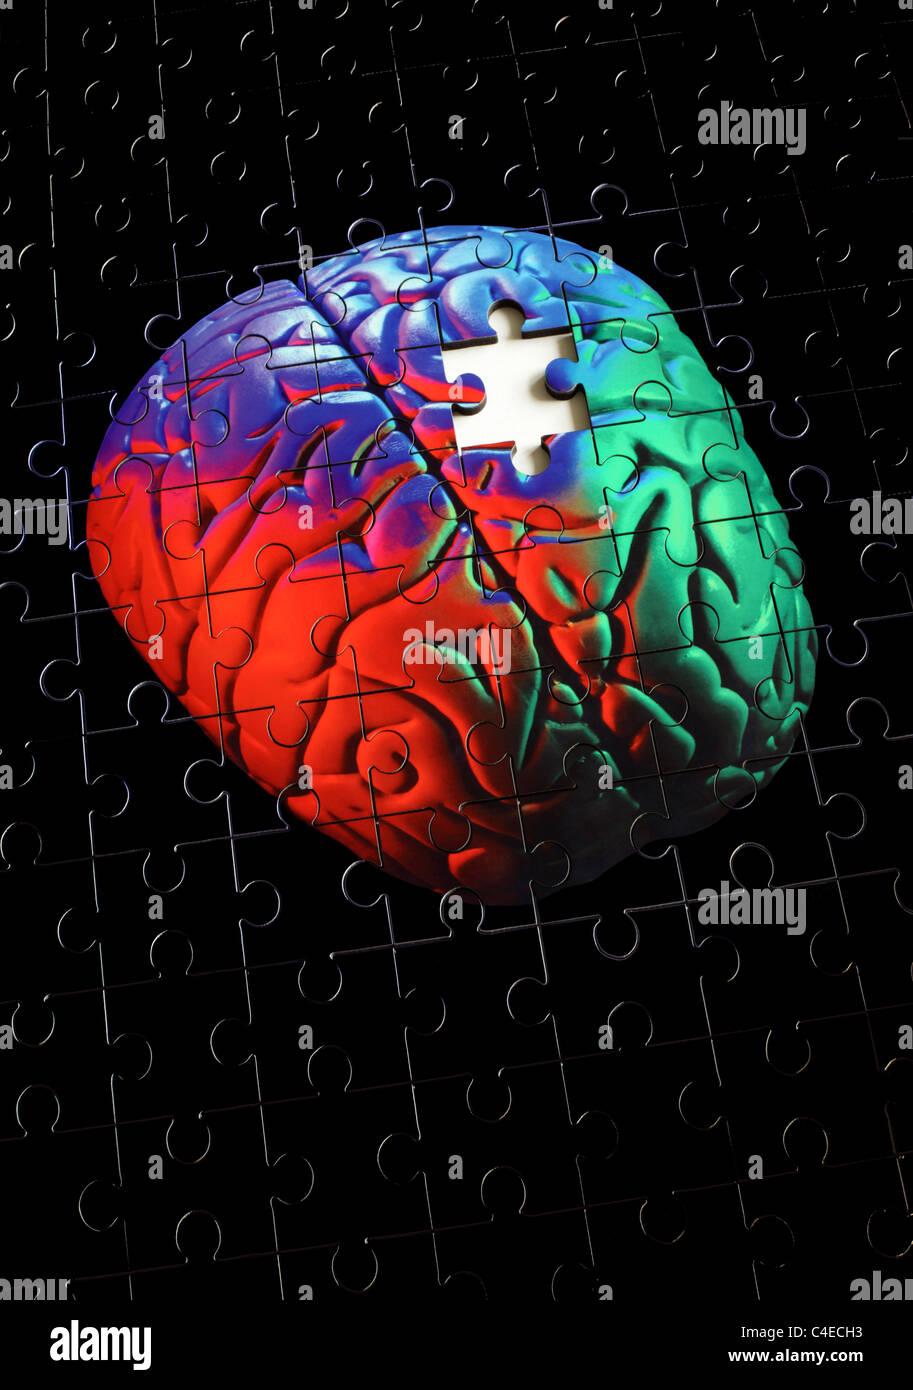 Jigsaw immagini jigsaw fotos stock alamy - Collegamento stampabile un puzzle pix ...